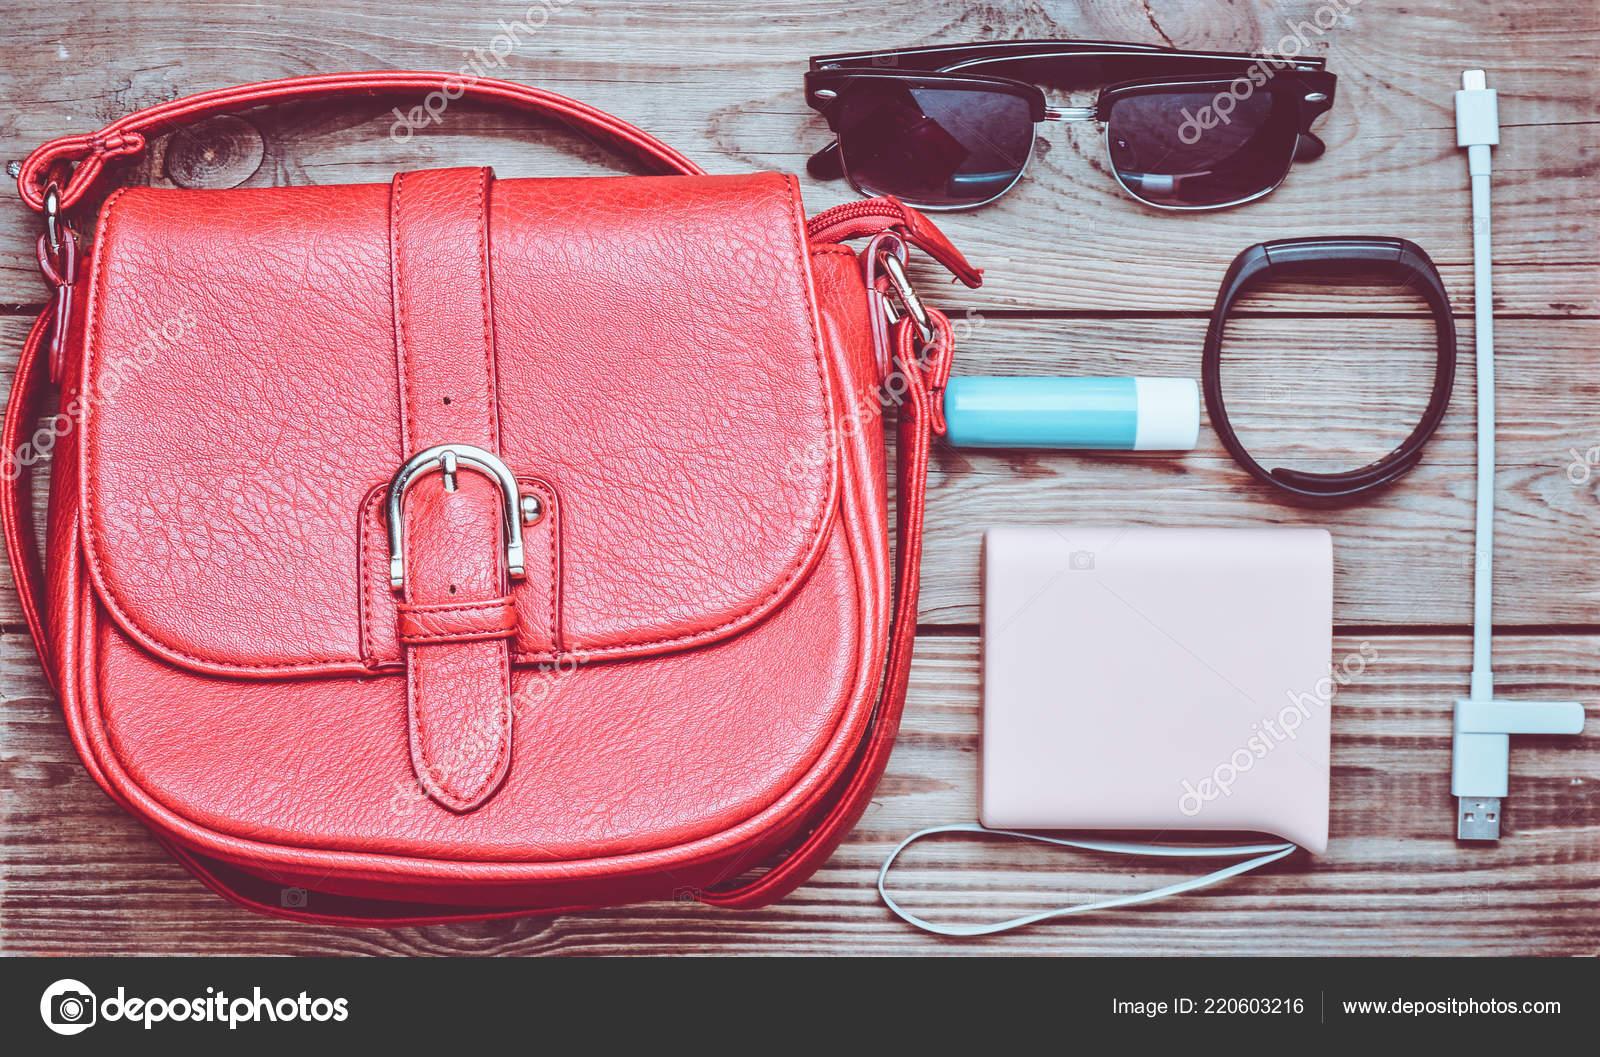 Sac cuir rouge autres accessoires féminins disposition sur bureau